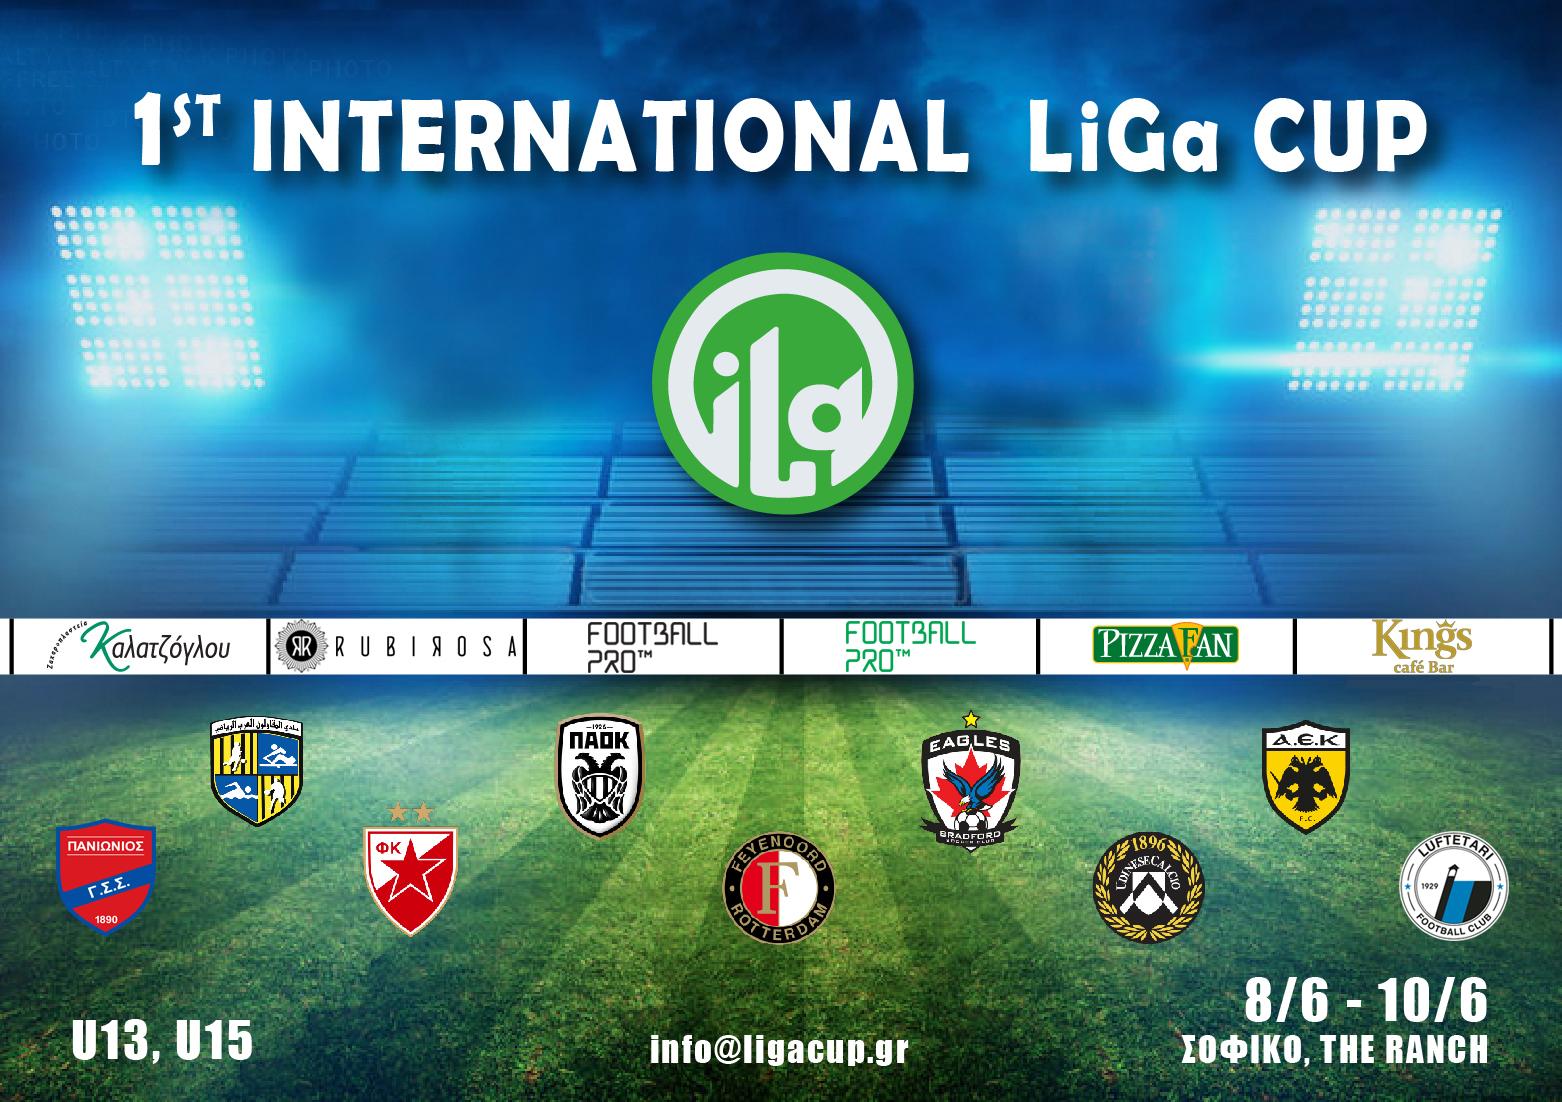 LiGa Cup Promo